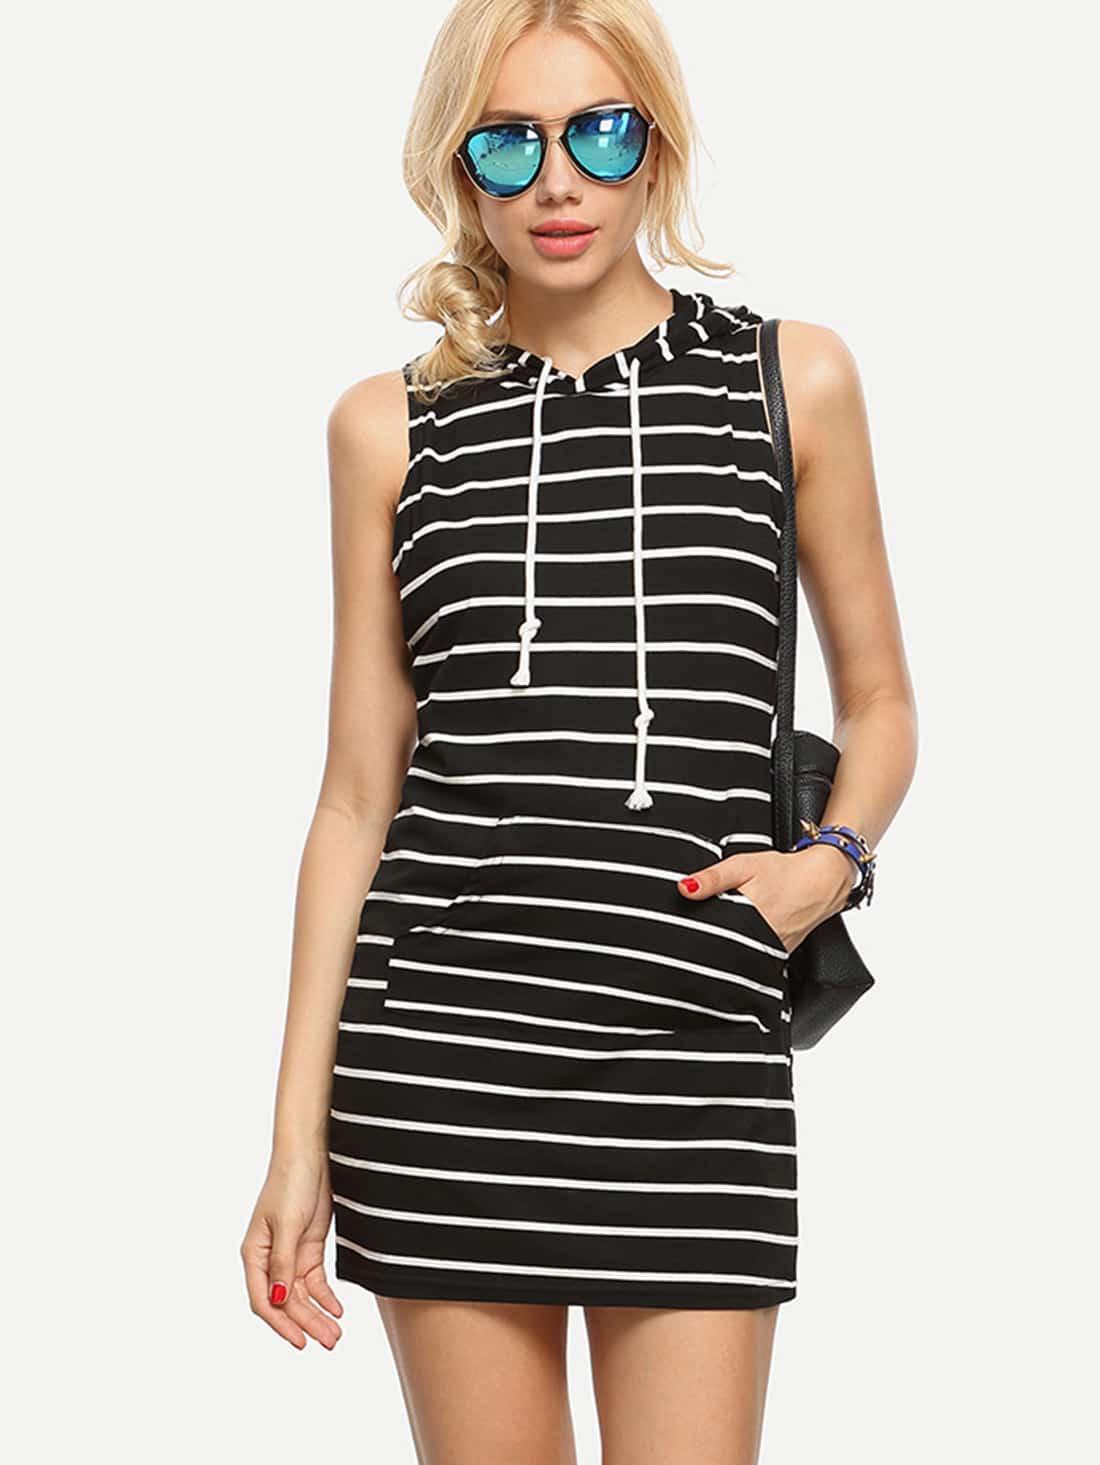 b4aa8f1517a2 Black White Striped Sleeveless Hooded Dress | SHEIN